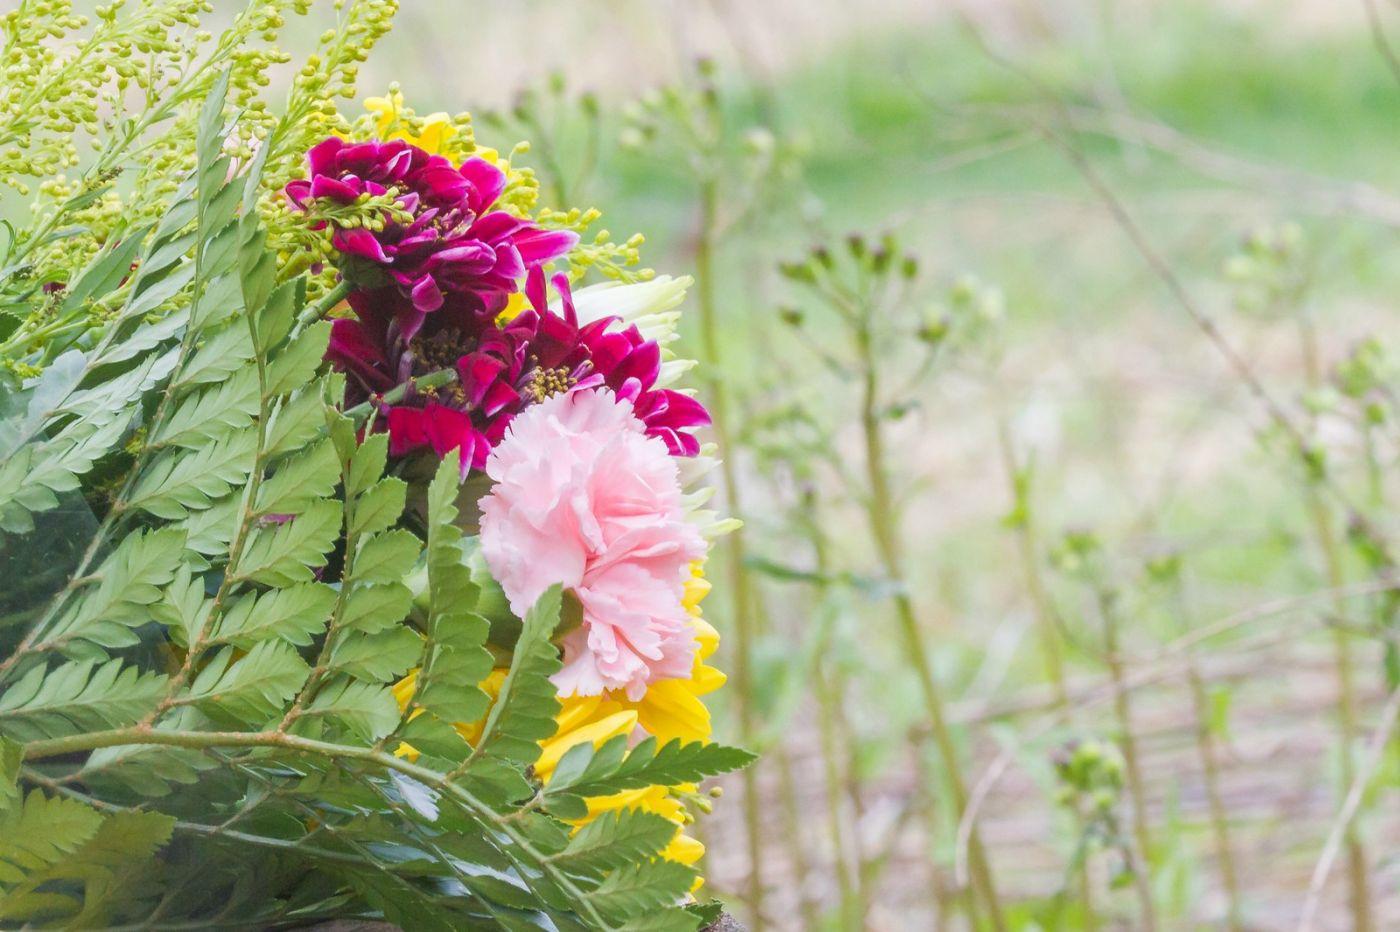 一束花的畅想_图1-8